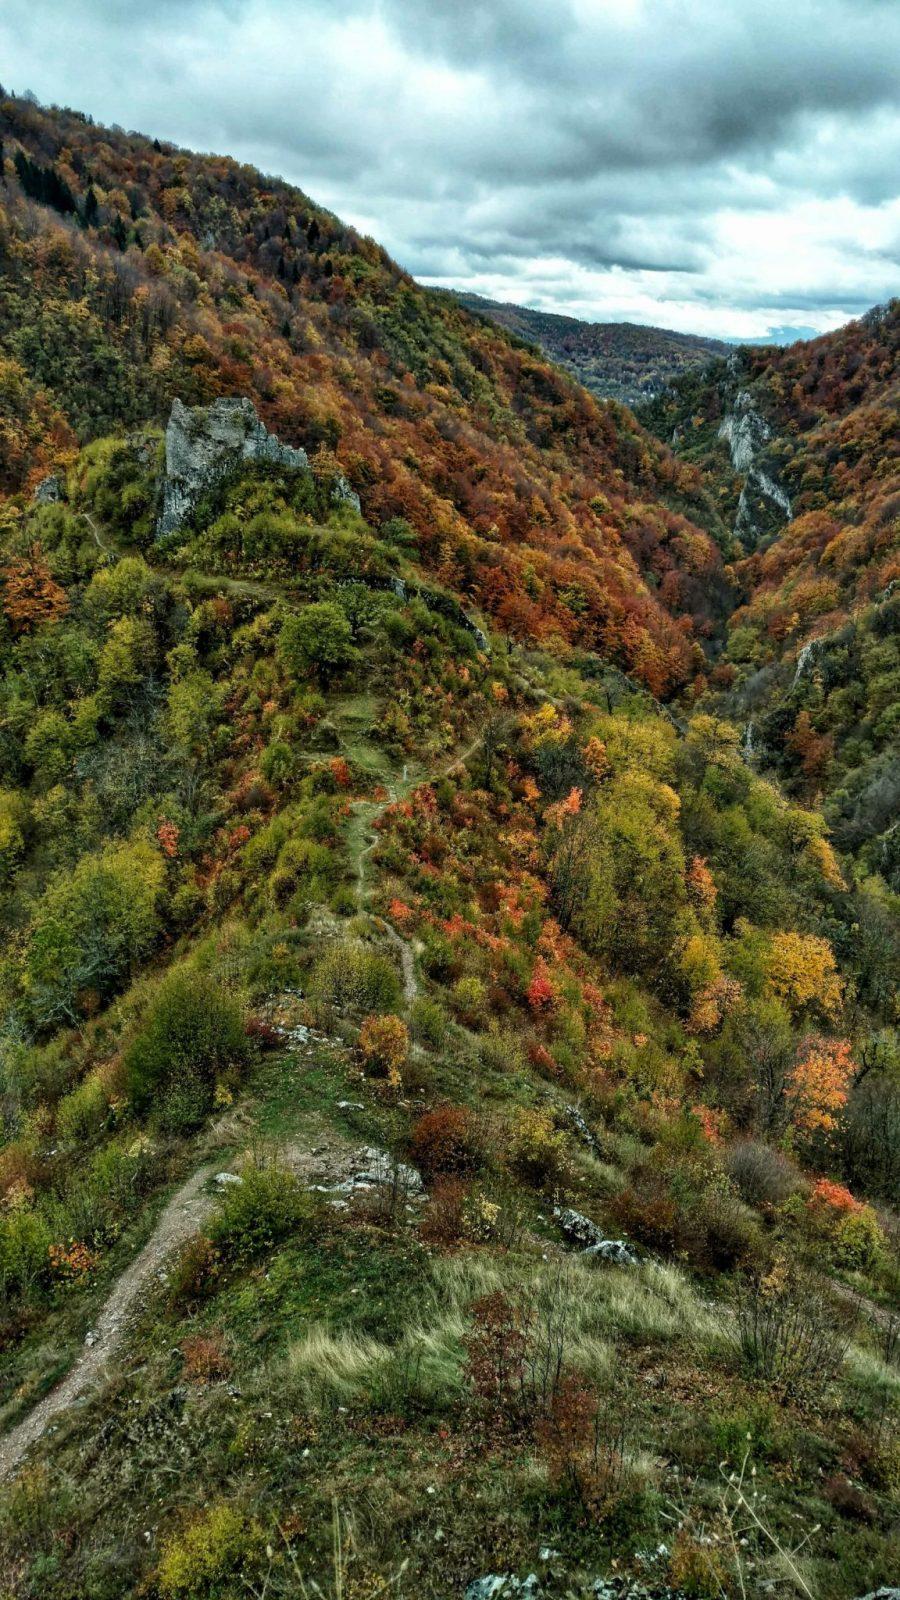 Muur van Bobovac | Verborgen schatten in Bosnië en Herzegovina